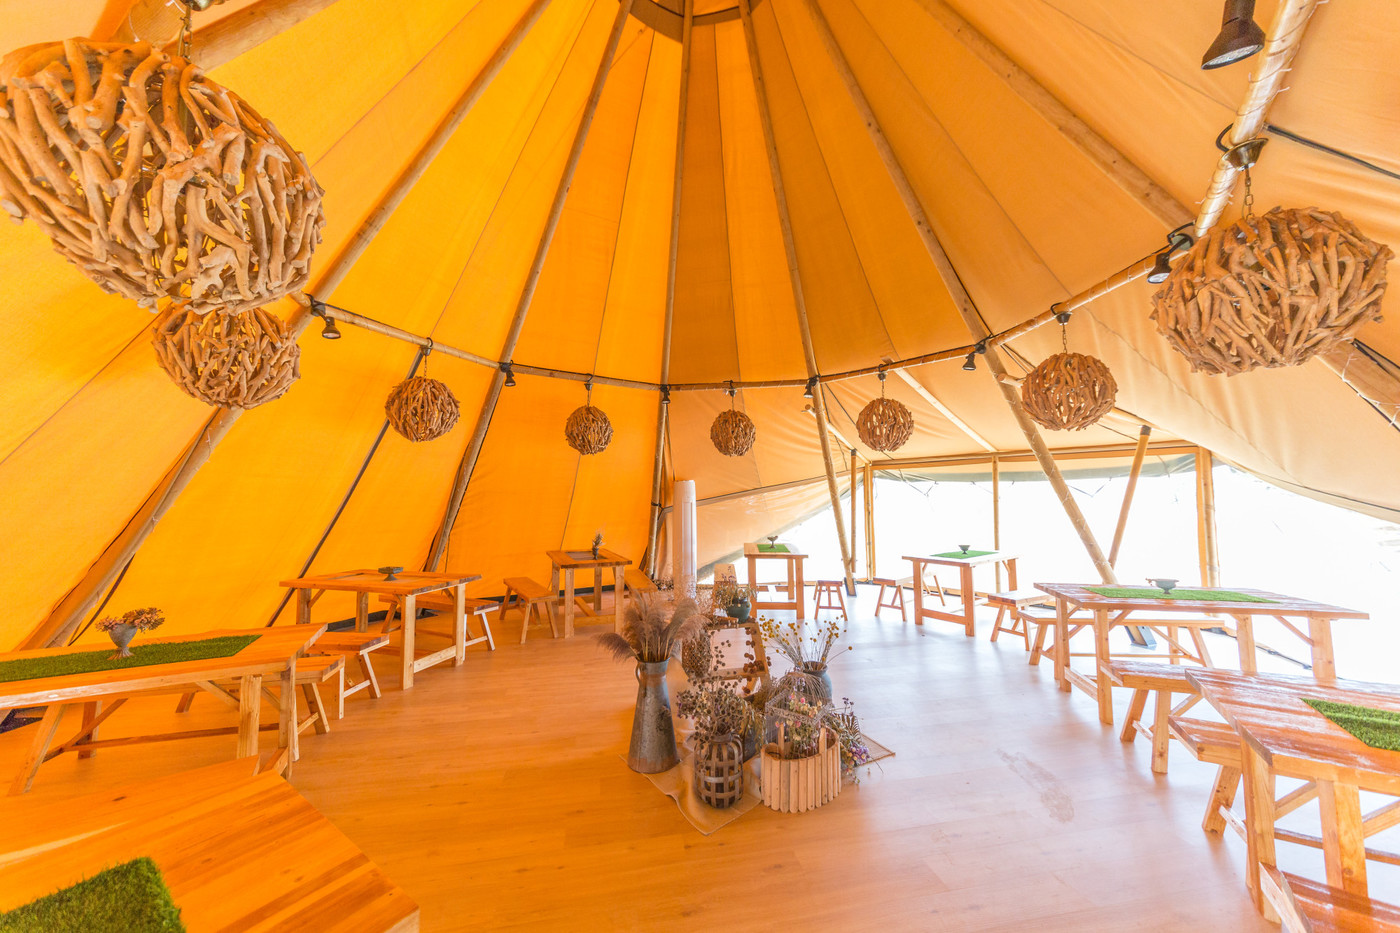 喜马拉雅印第安多功能大厅—淮安白马湖生态旅游度假区27